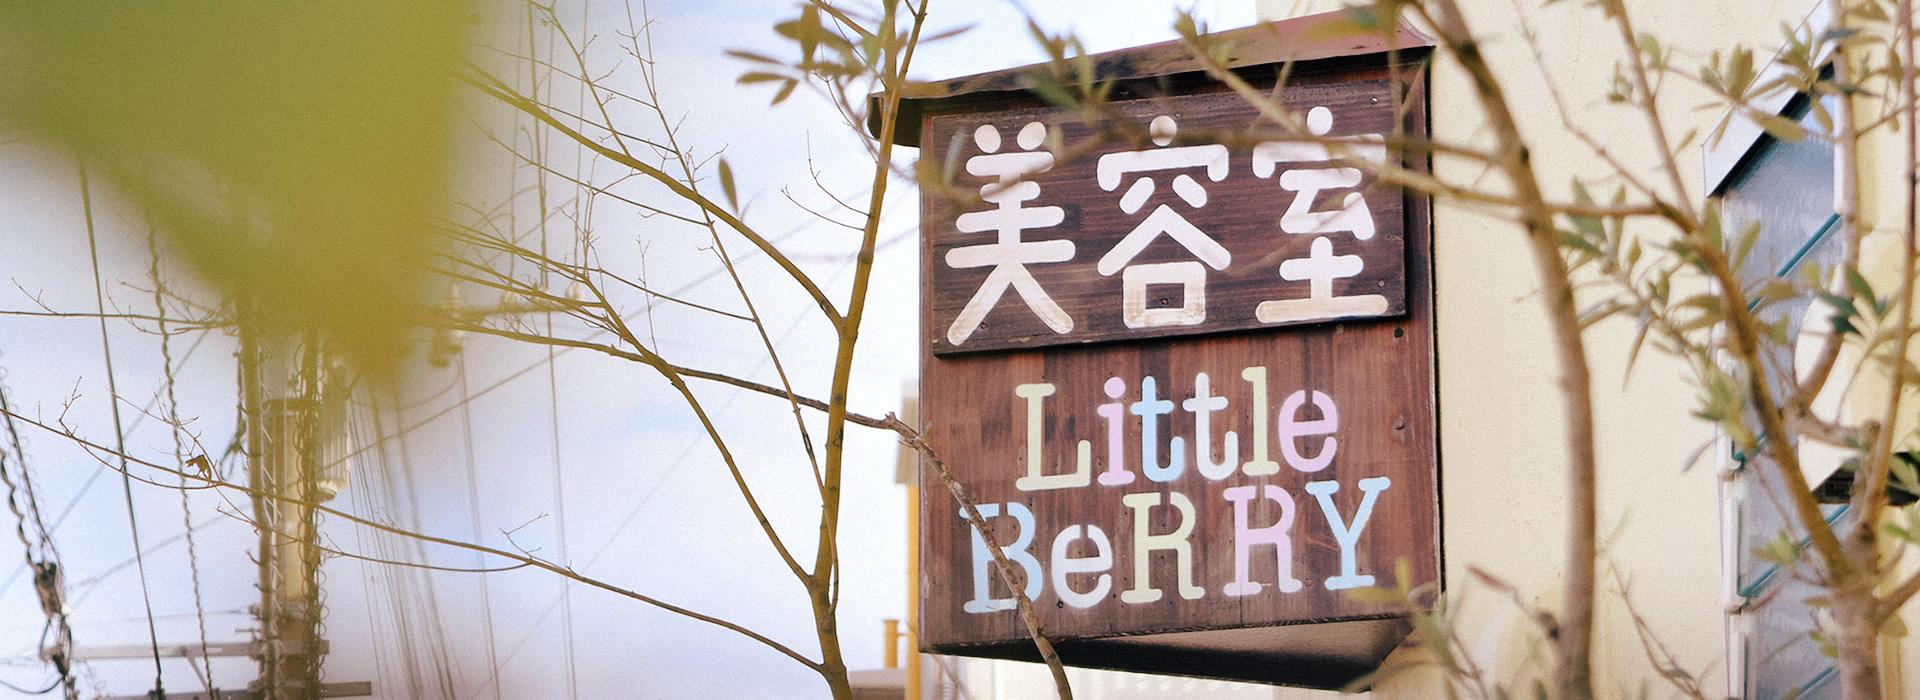 LittleBeRRY